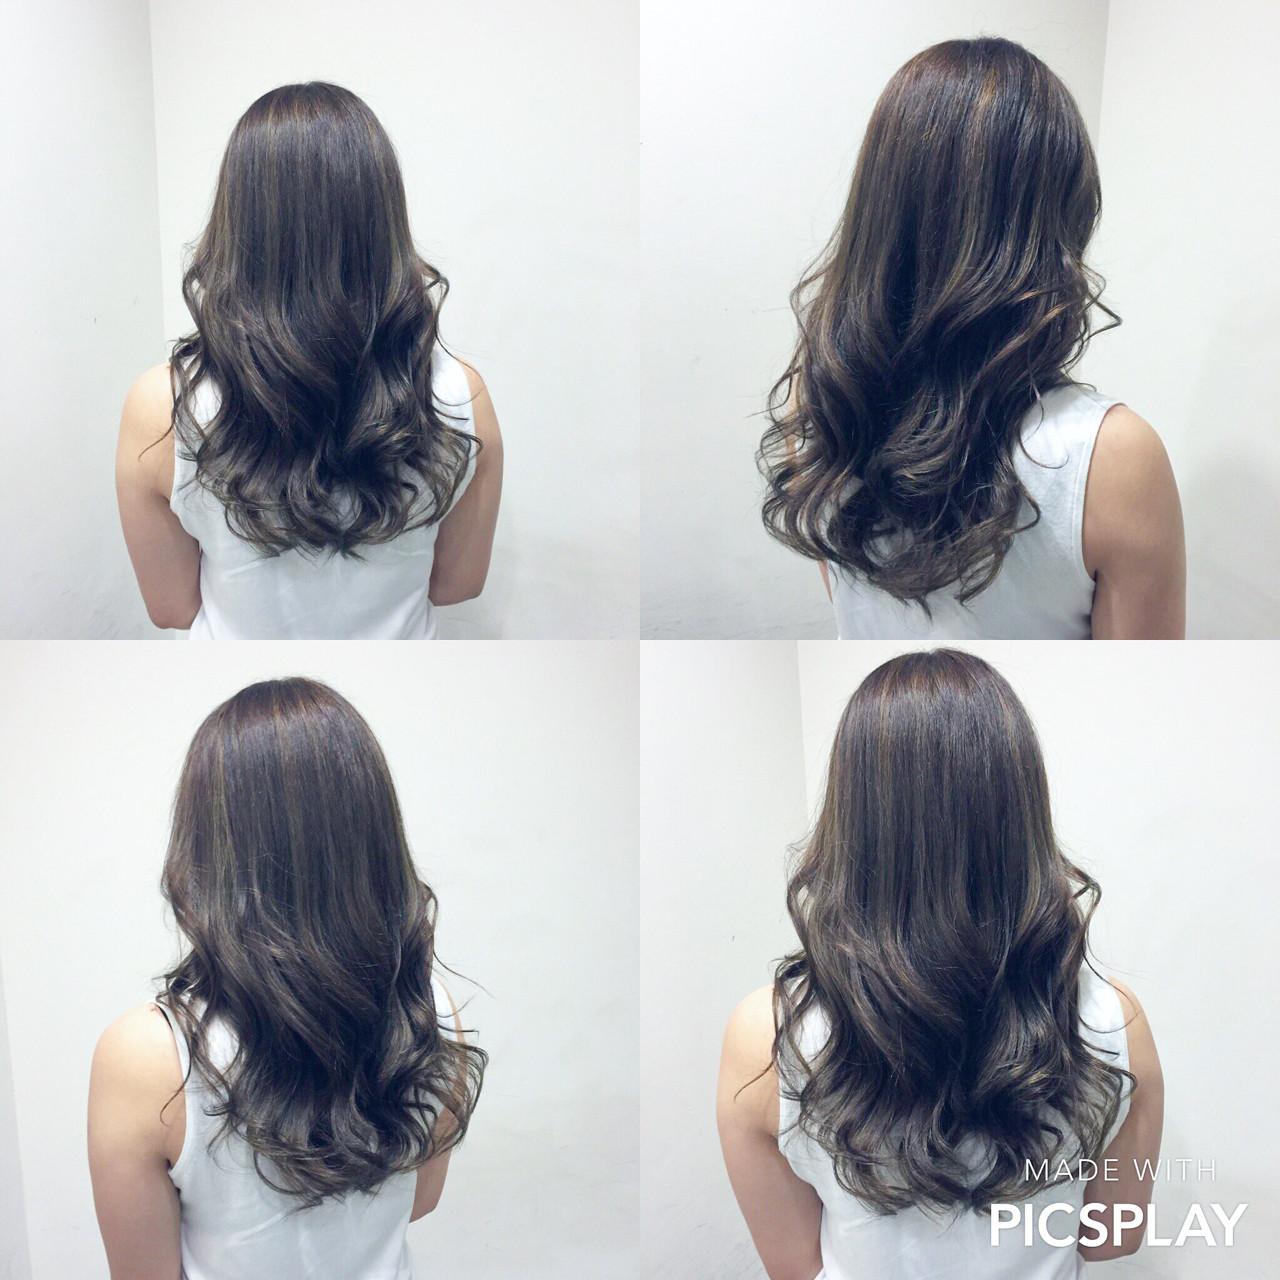 グラデーションカラー アッシュ セミロング ナチュラル ヘアスタイルや髪型の写真・画像